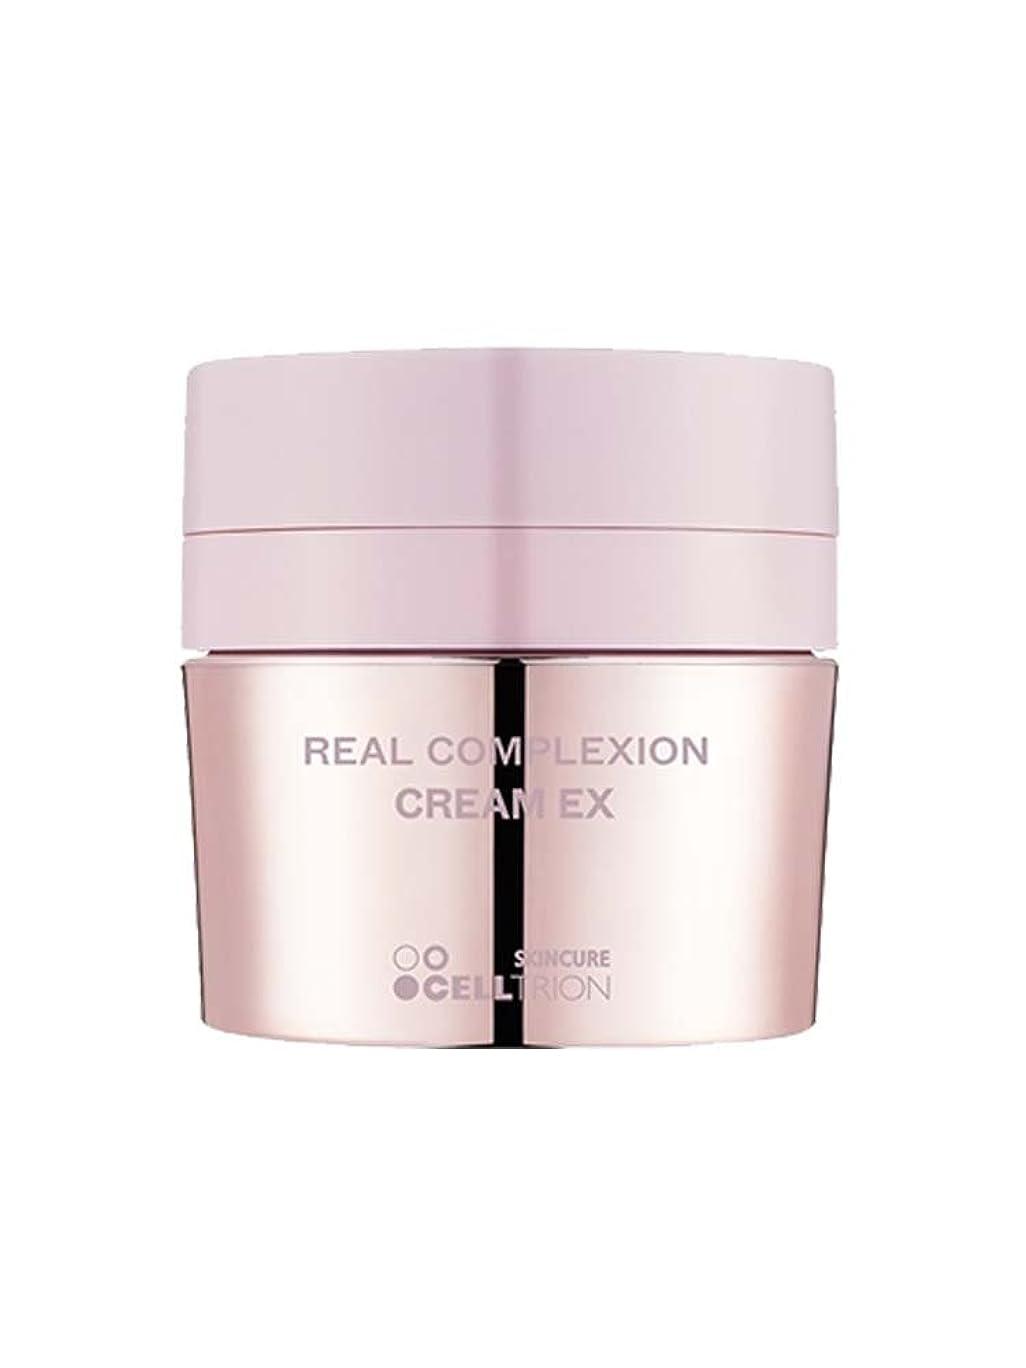 スロープ裏切る慣らすHANSKIN Real Complexion cream EX 50ml/ハンスキン リアル コンプレクション クリーム EX 50ml [並行輸入品]